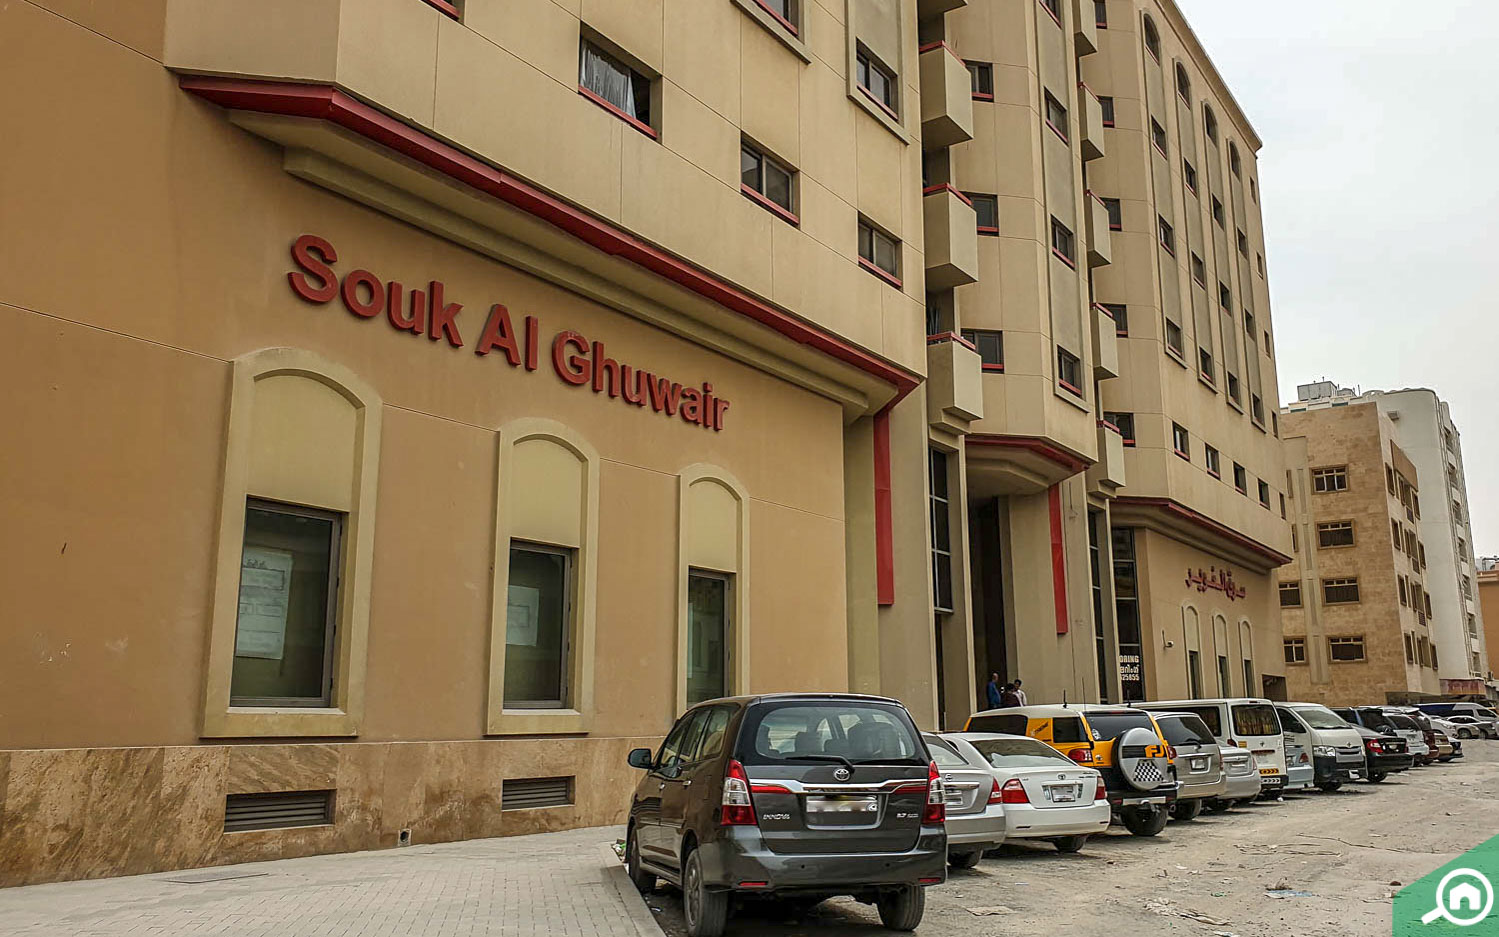 souq al ghuwair